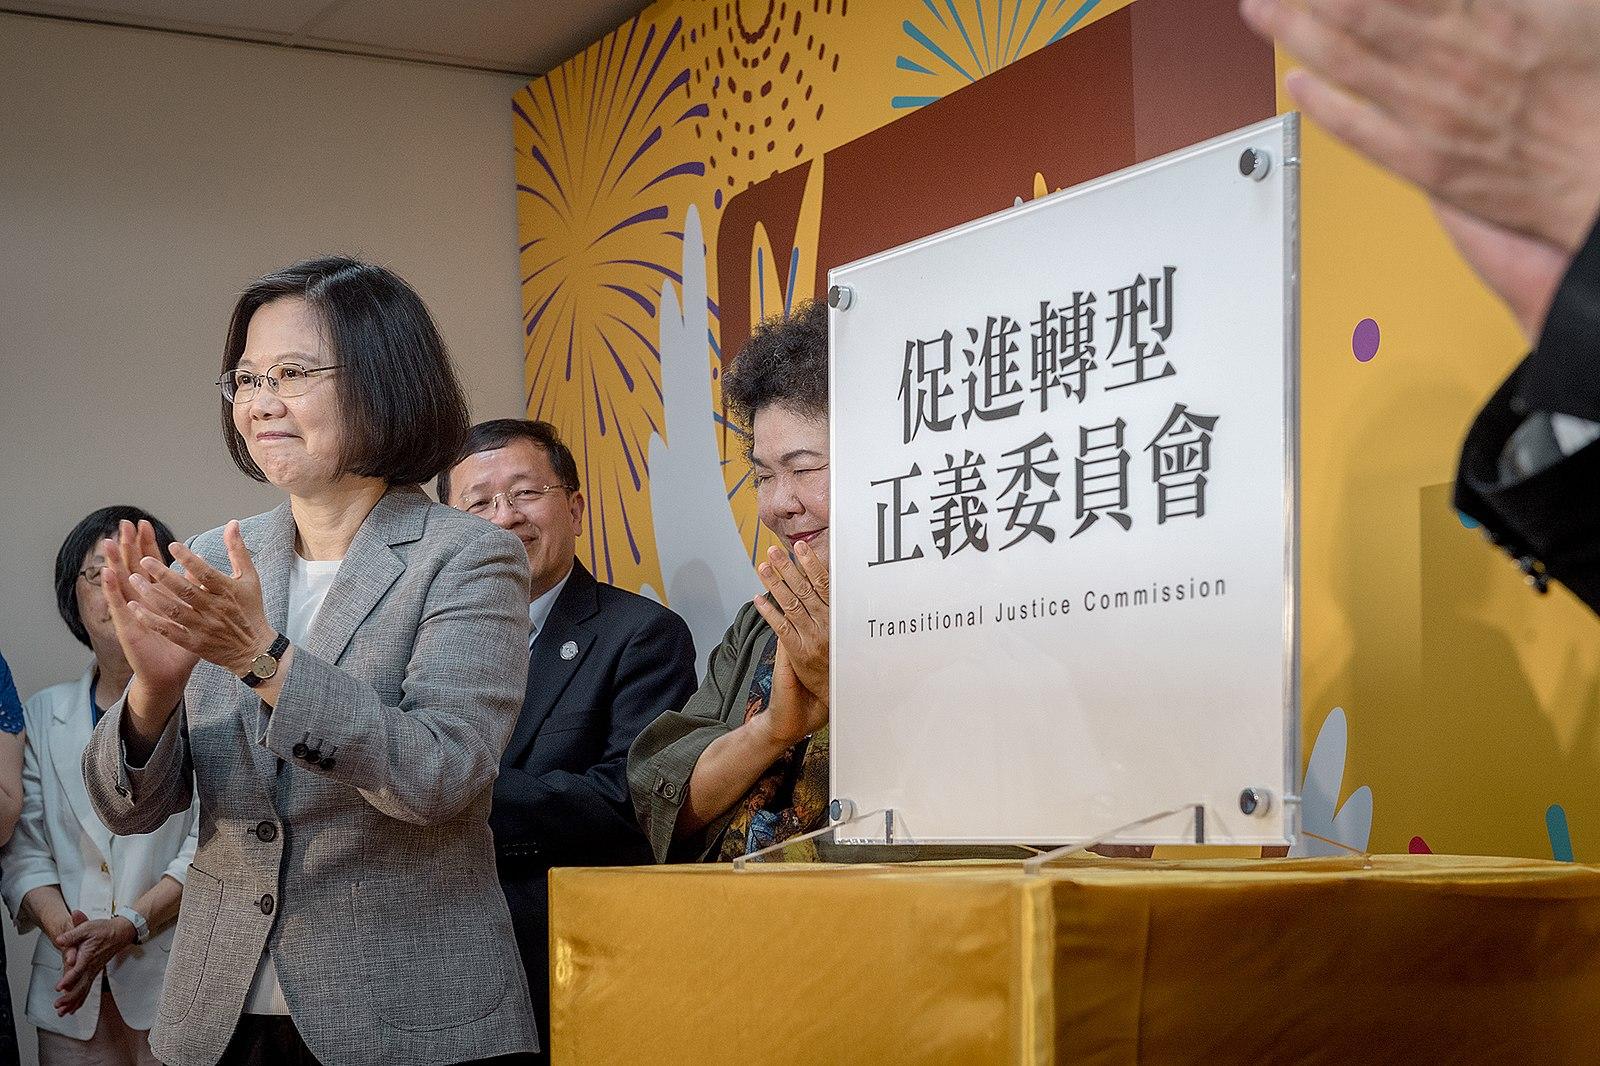 近日,台灣政府機構「促進轉型正義委員會」的官網疑遭港府「封網」。圖為2018年5月31日蔡英文主持促進轉型正義委員會布達暨揭牌典禮。(總統府/Wikimedia Commons)